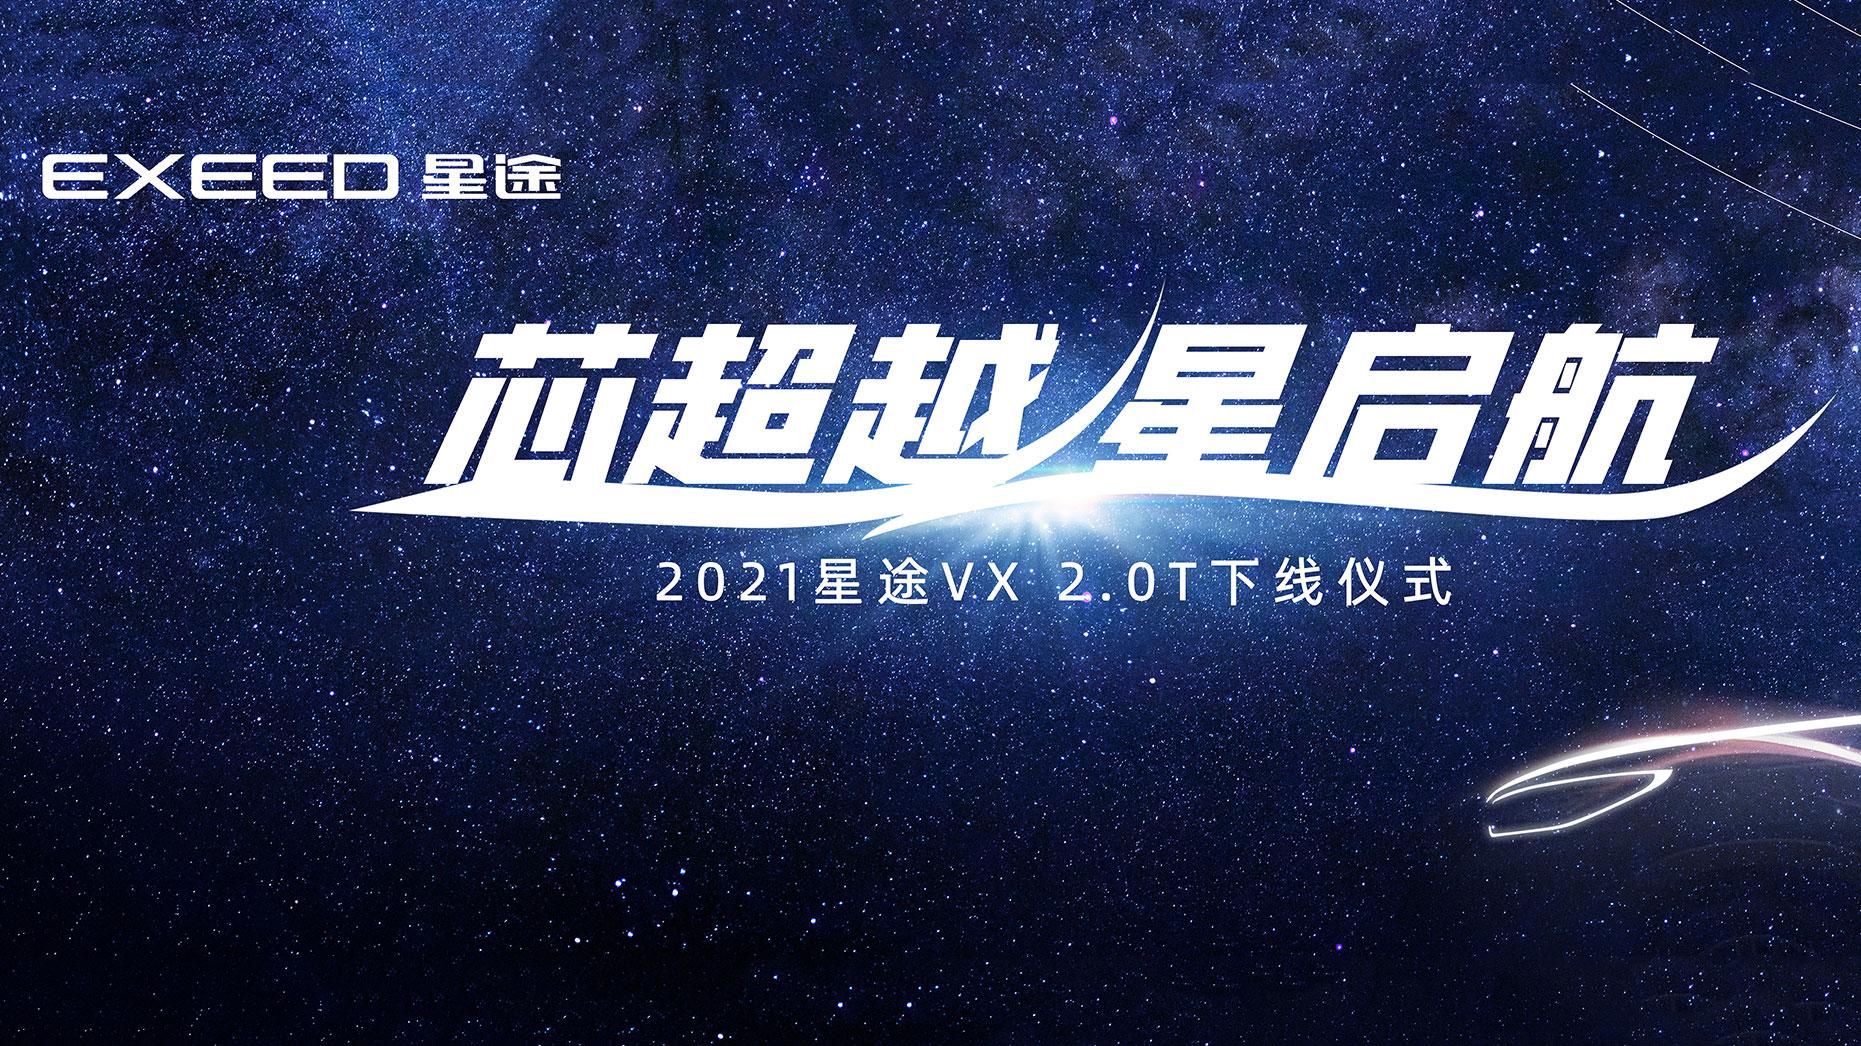 芯超越星启航2021星途VX2.0T下线仪式